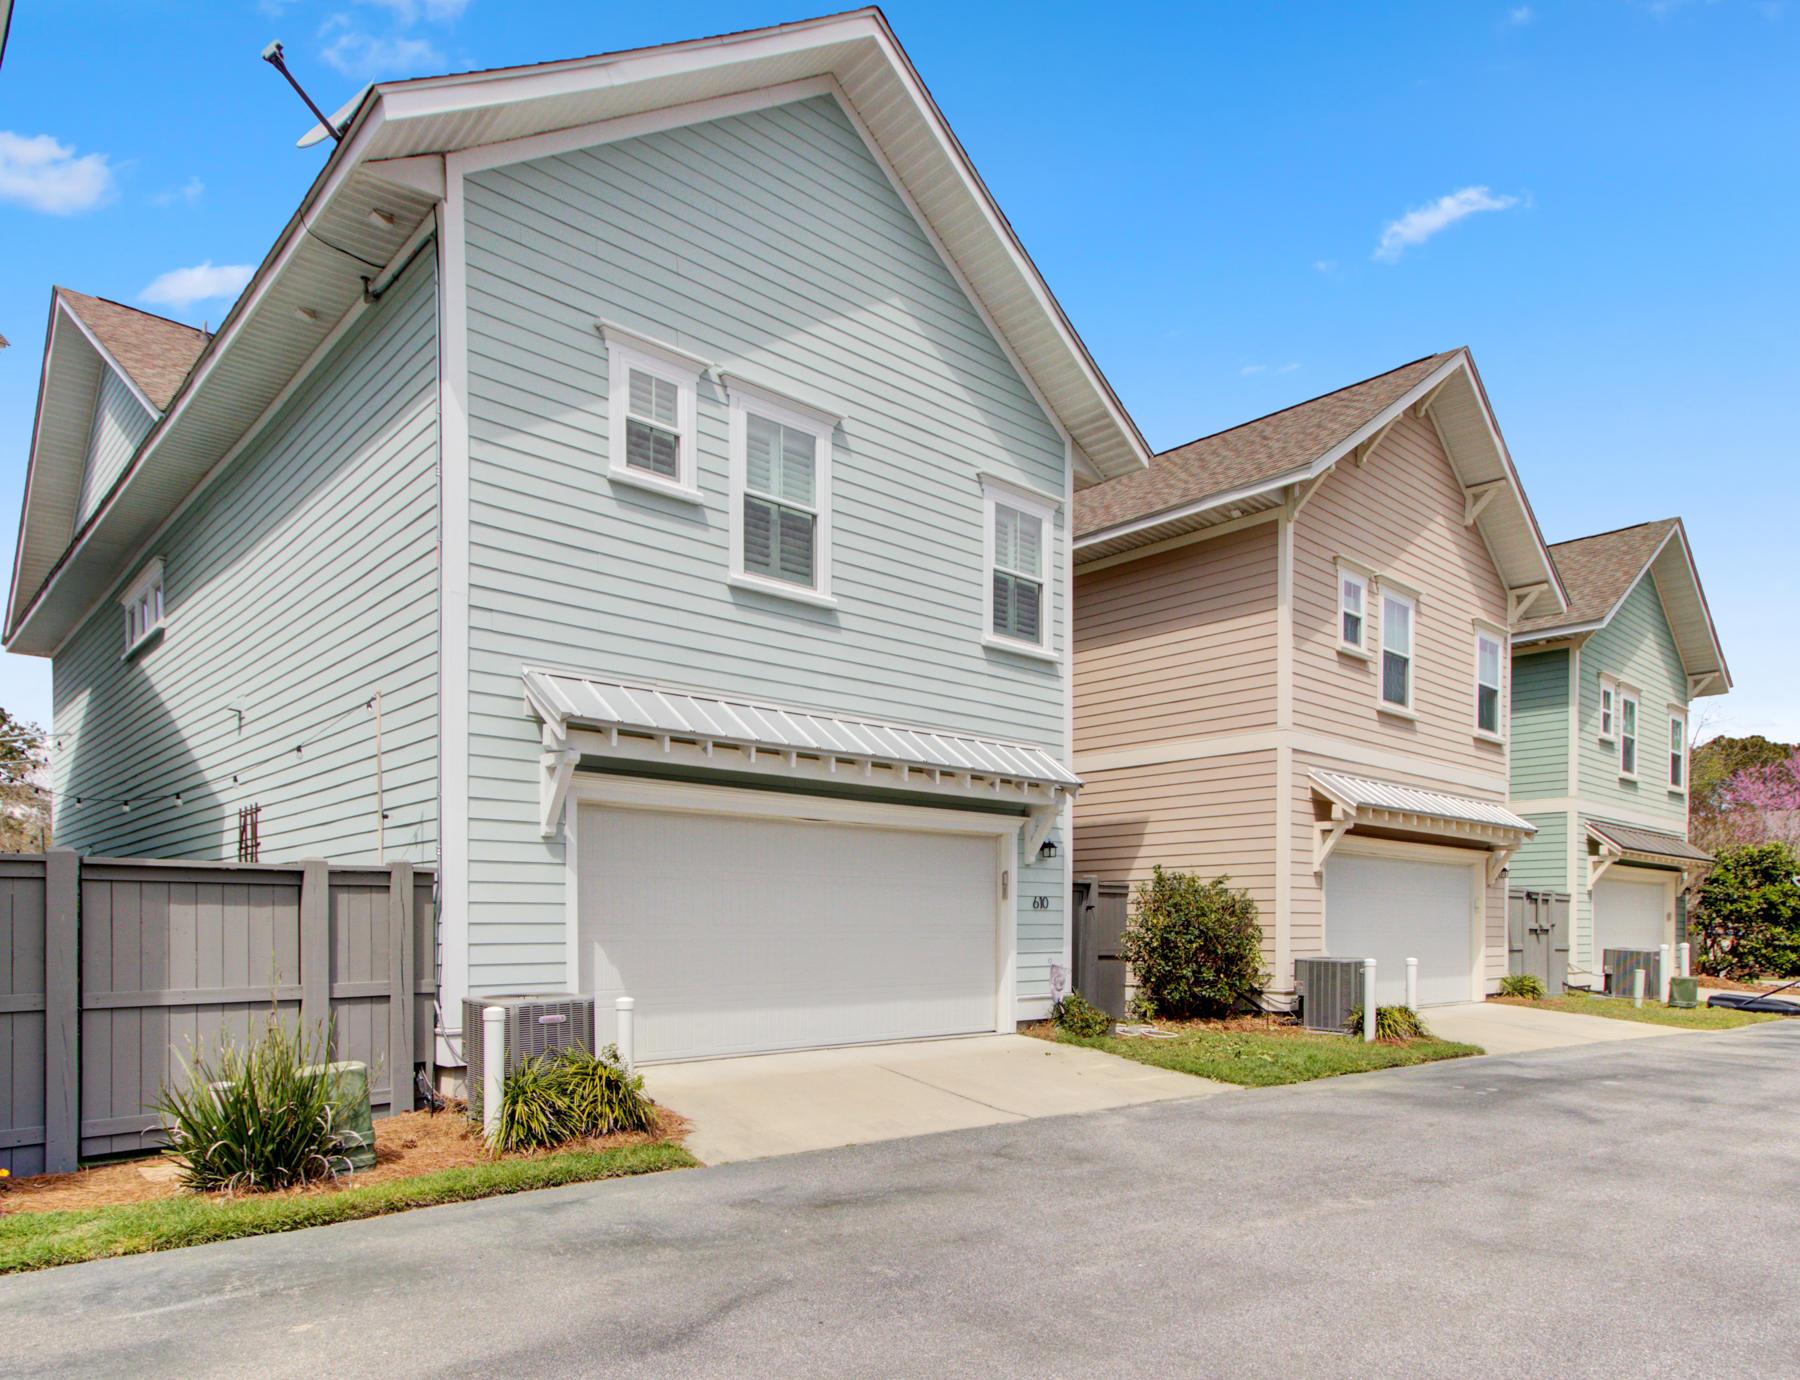 Moultrie Park Homes For Sale - 610 Ellingson, Mount Pleasant, SC - 0